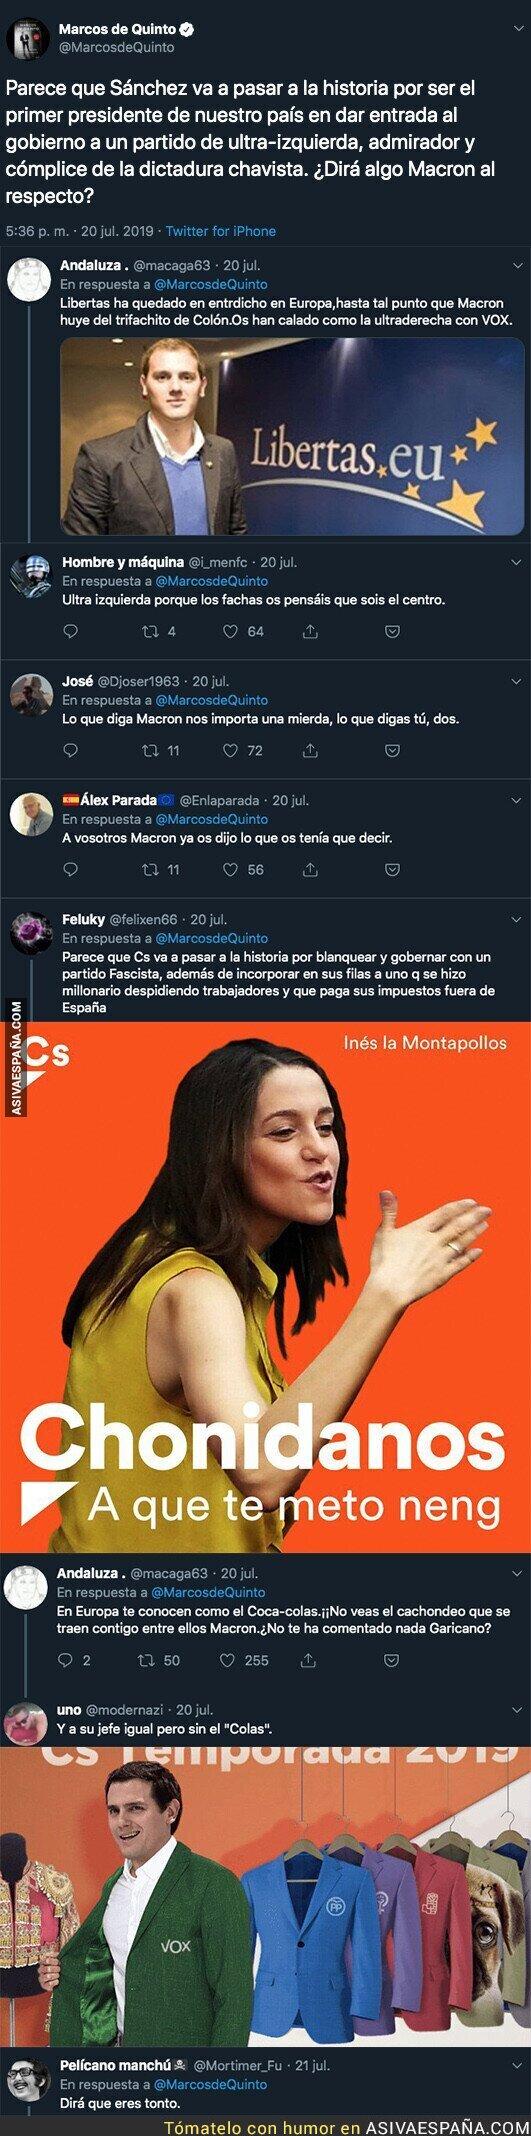 116962 - Marcos de Quinto consigue mezclar a Chávez, PSOE, Podemos y ultra izquierda en un solo tuit